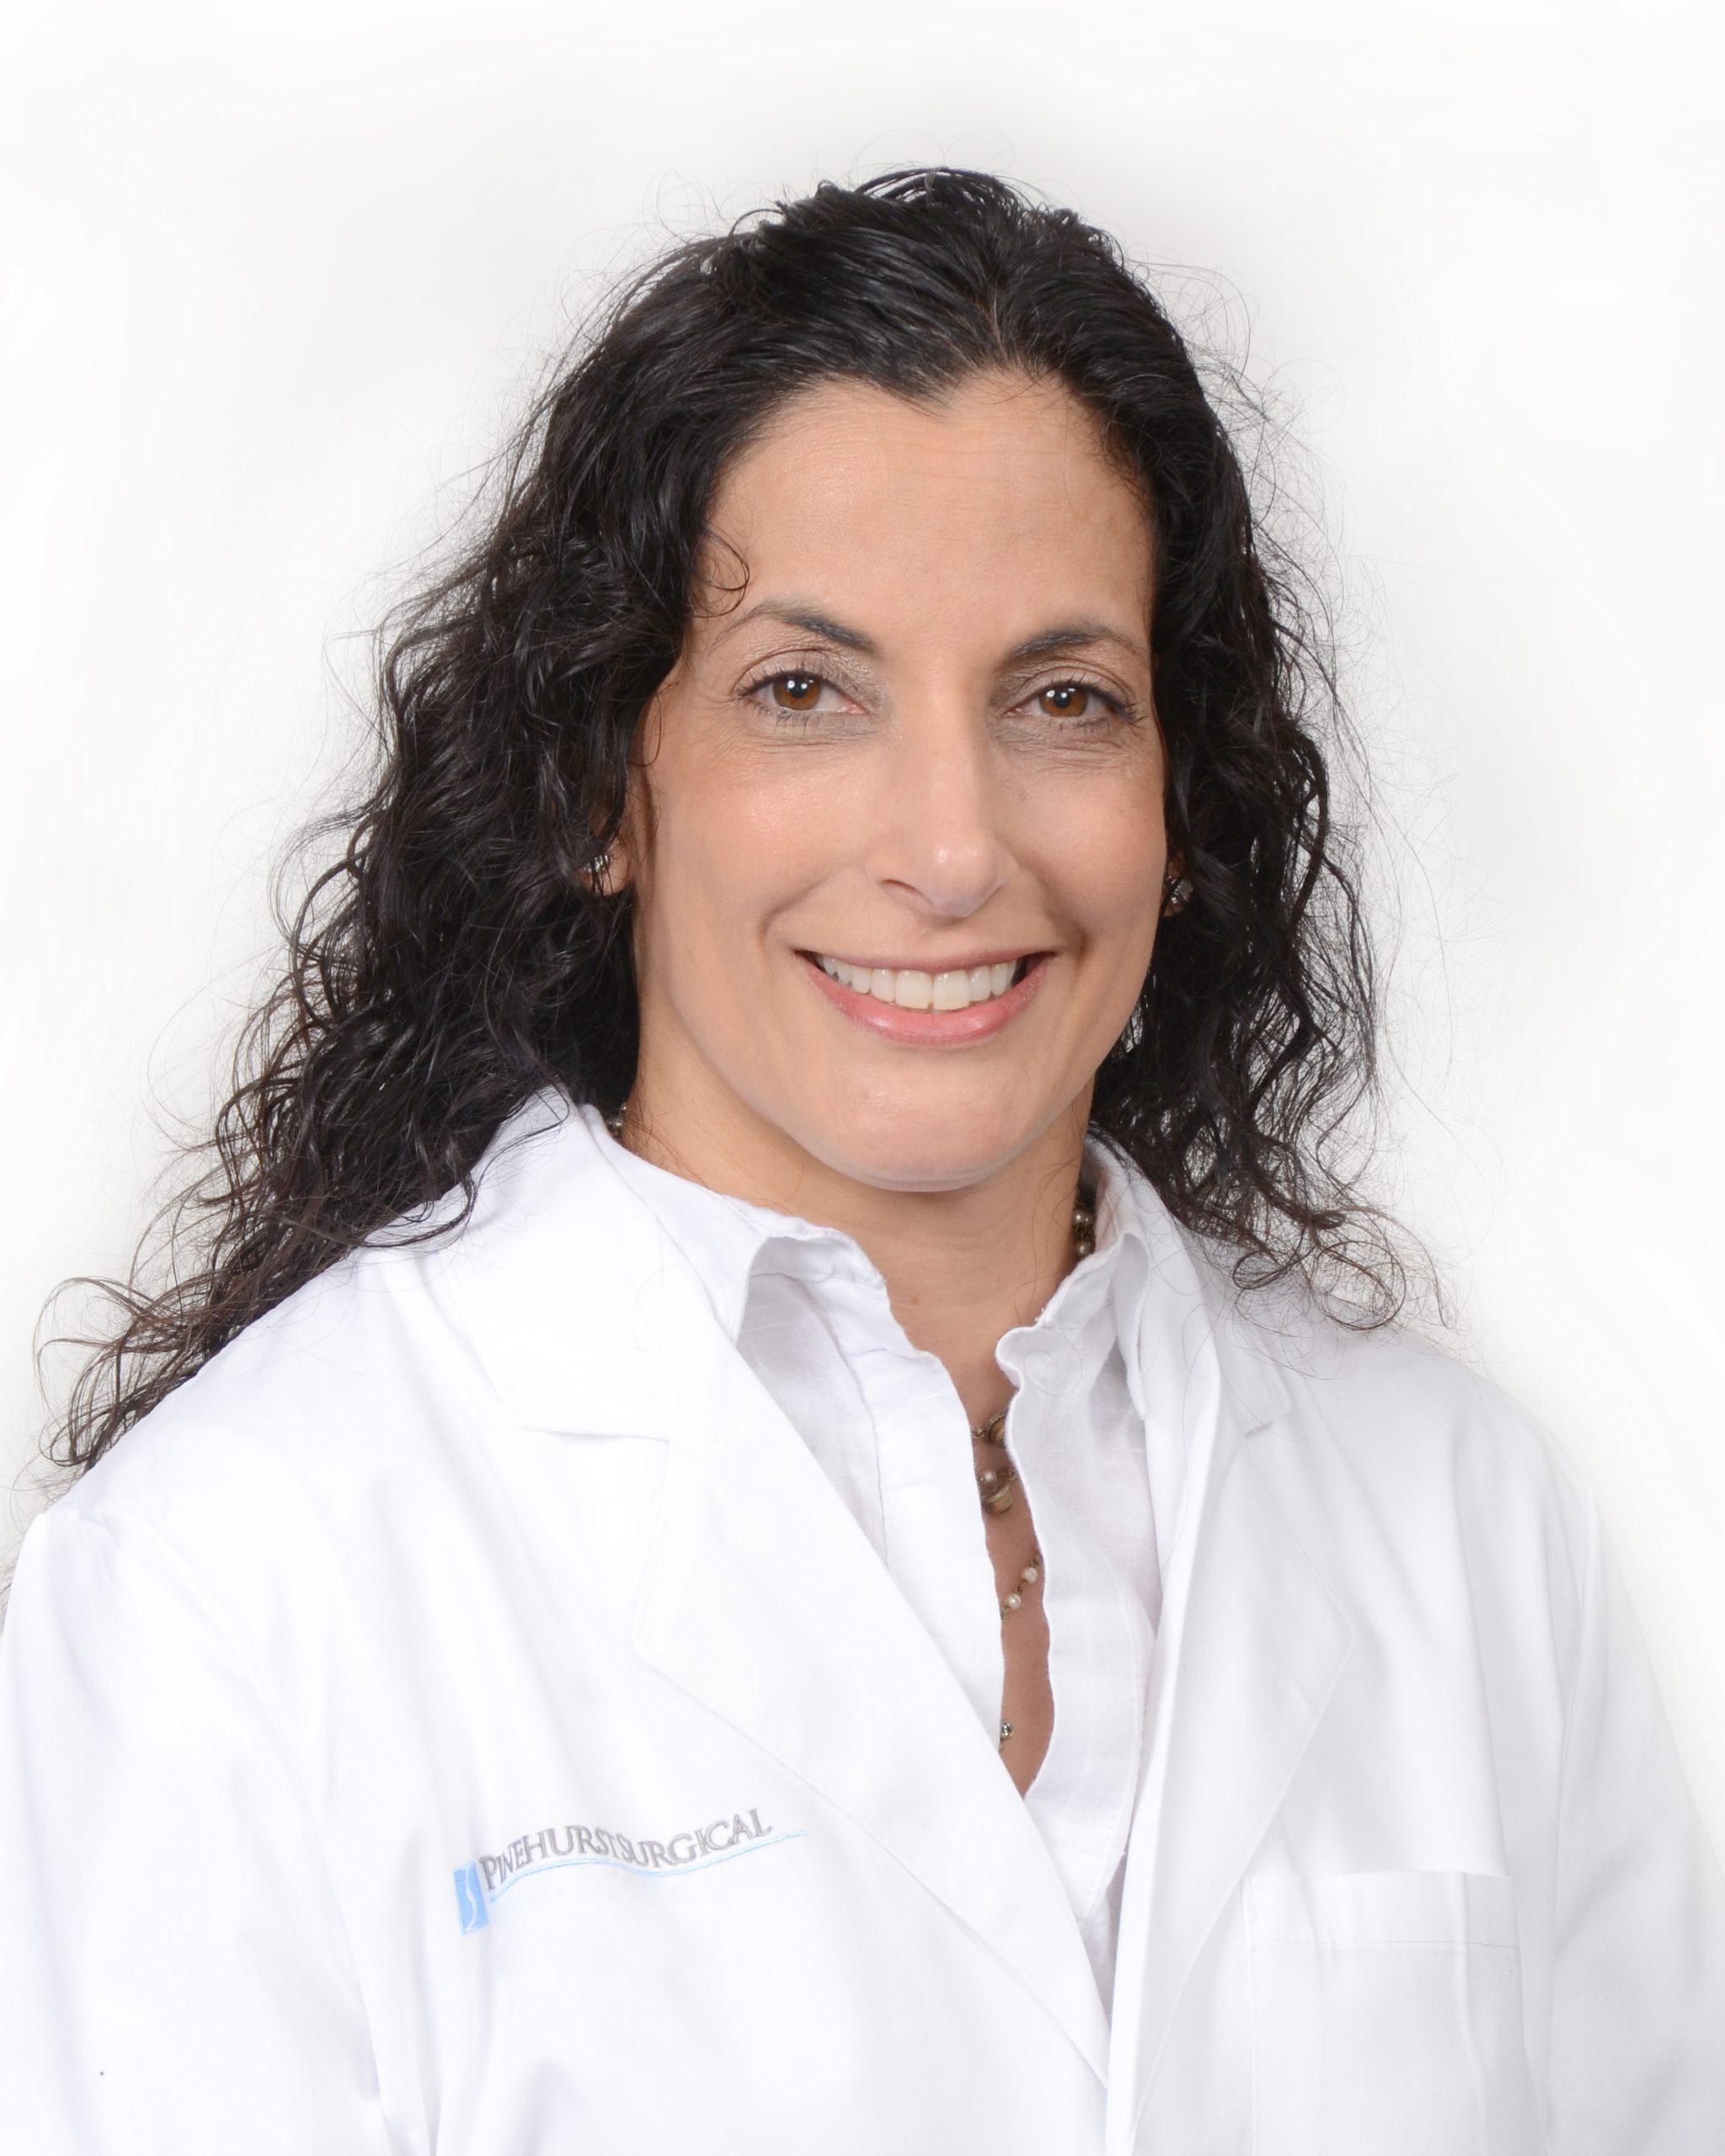 Toni Washington Orthopaedic Surgery